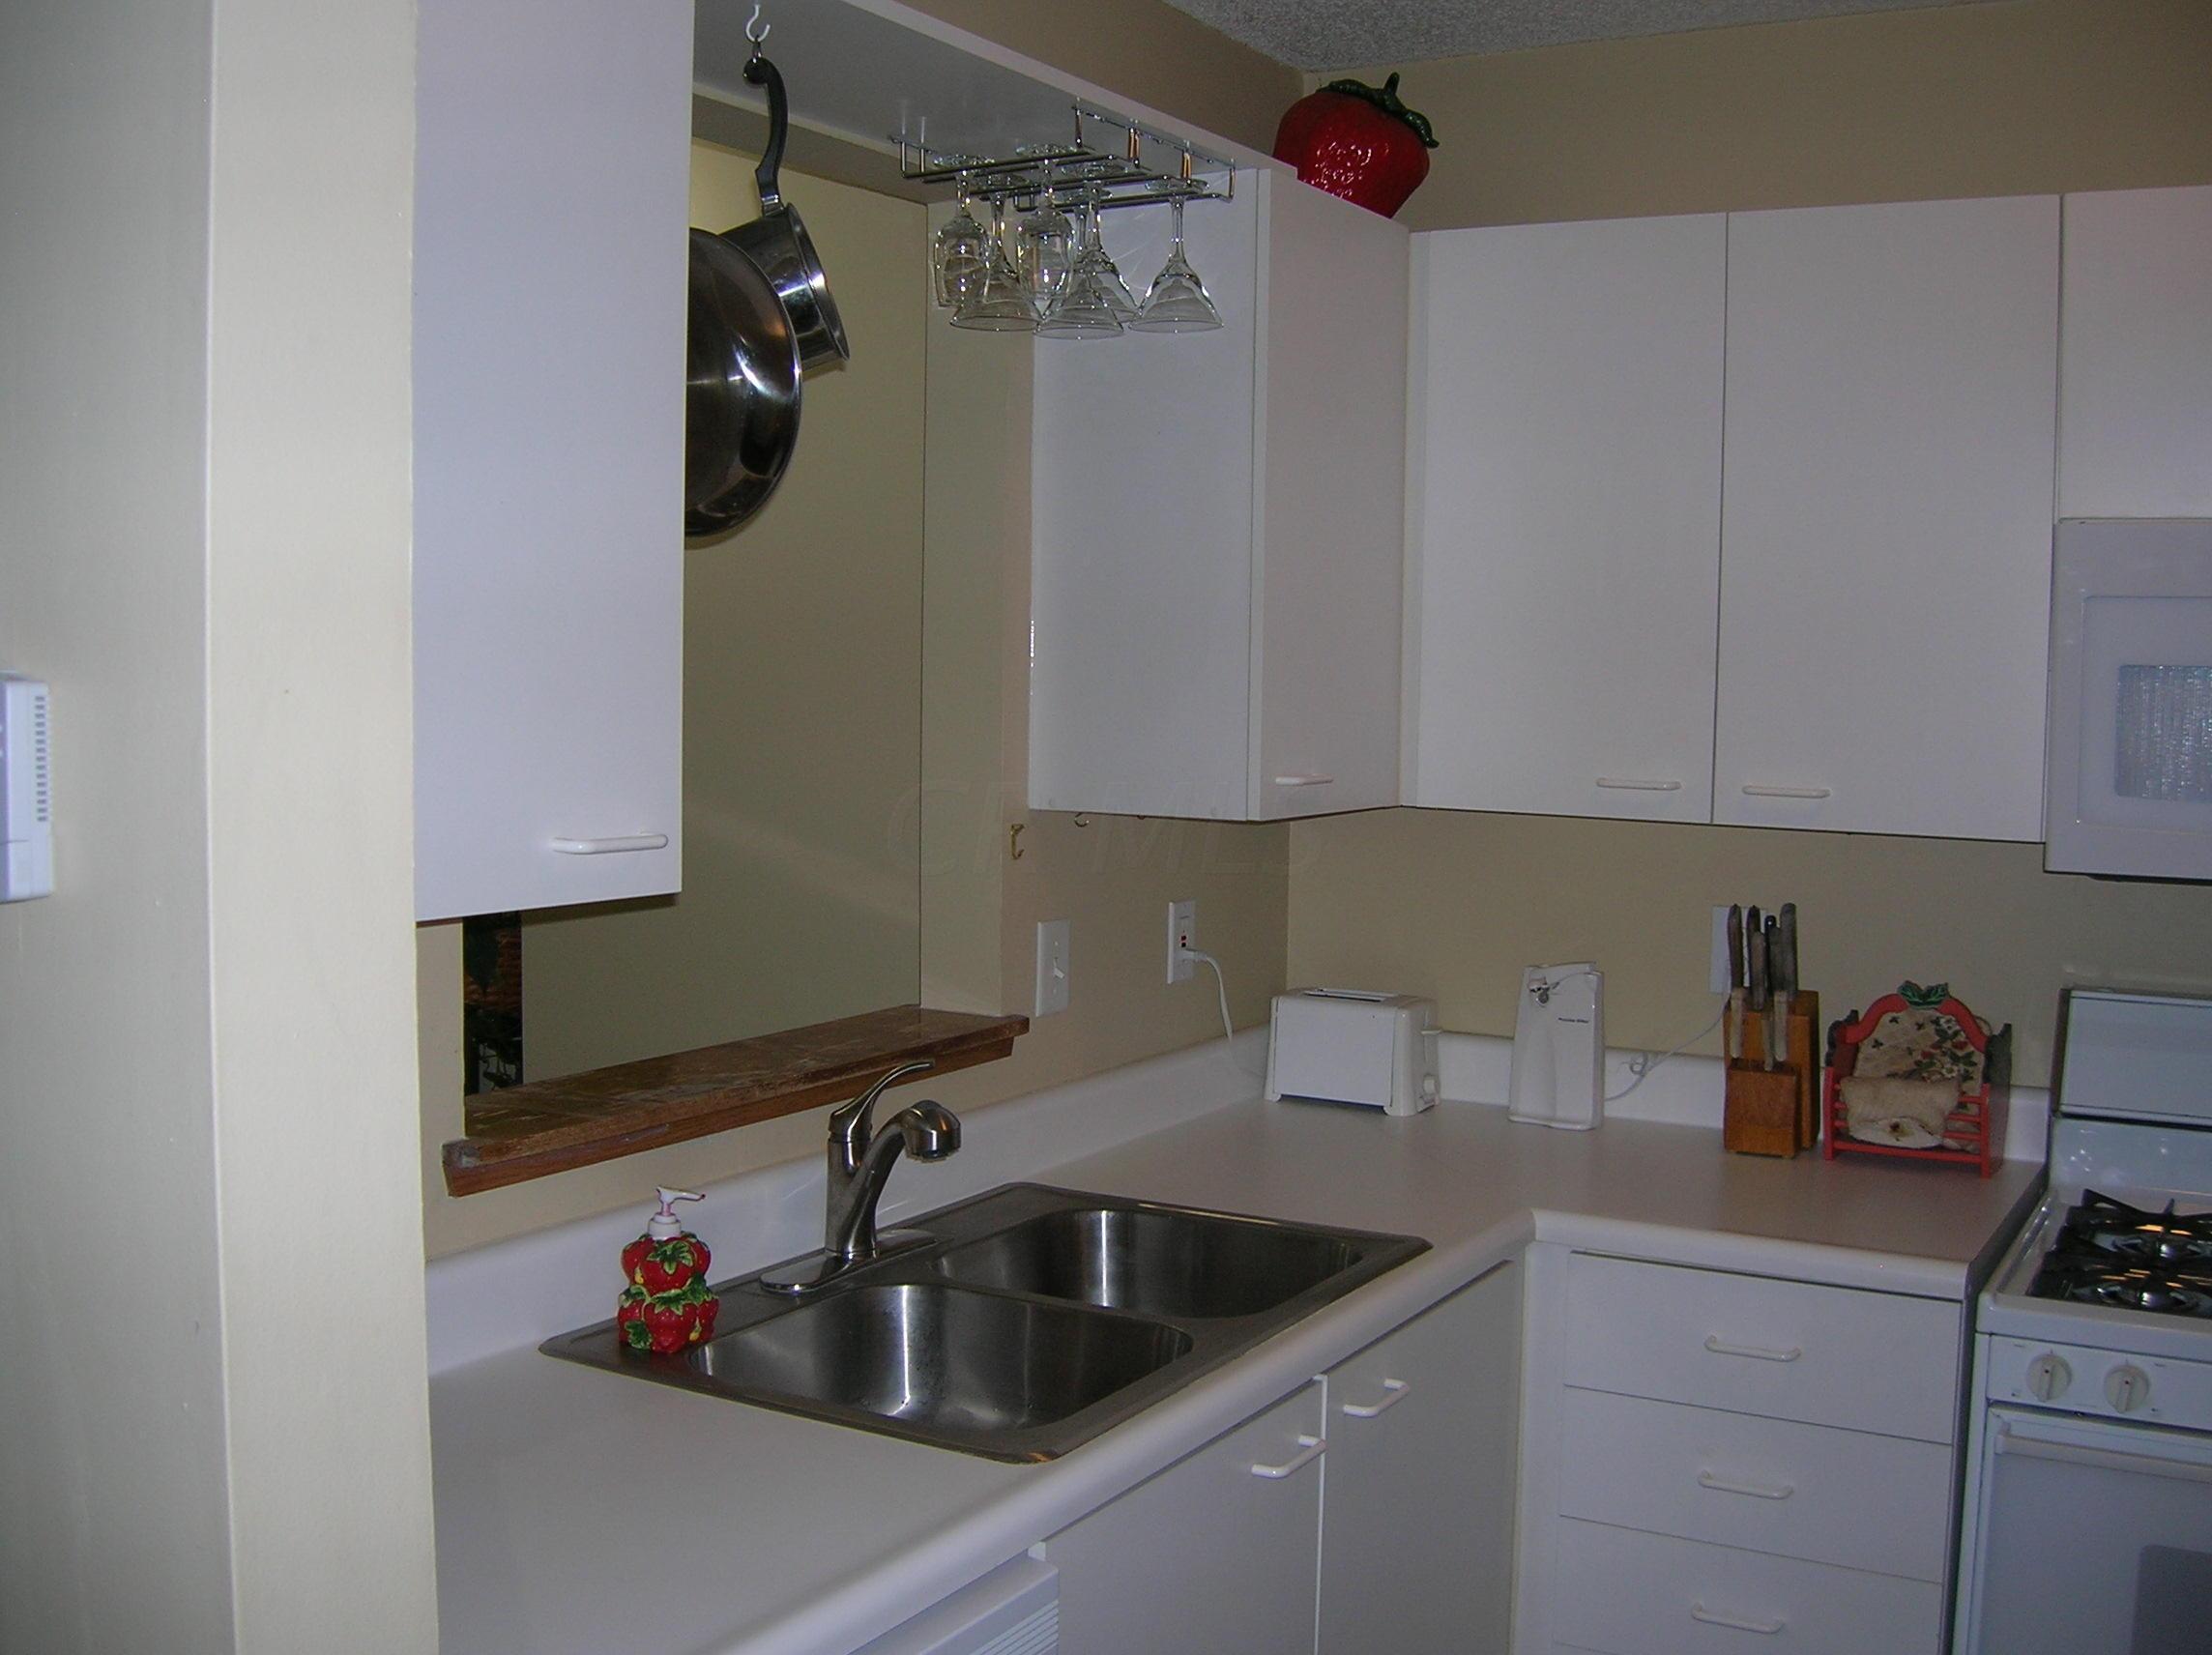 161 Macandrews Way, Blacklick, Ohio 43004, 2 Bedrooms Bedrooms, ,2 BathroomsBathrooms,Residential,For Sale,Macandrews,220025816